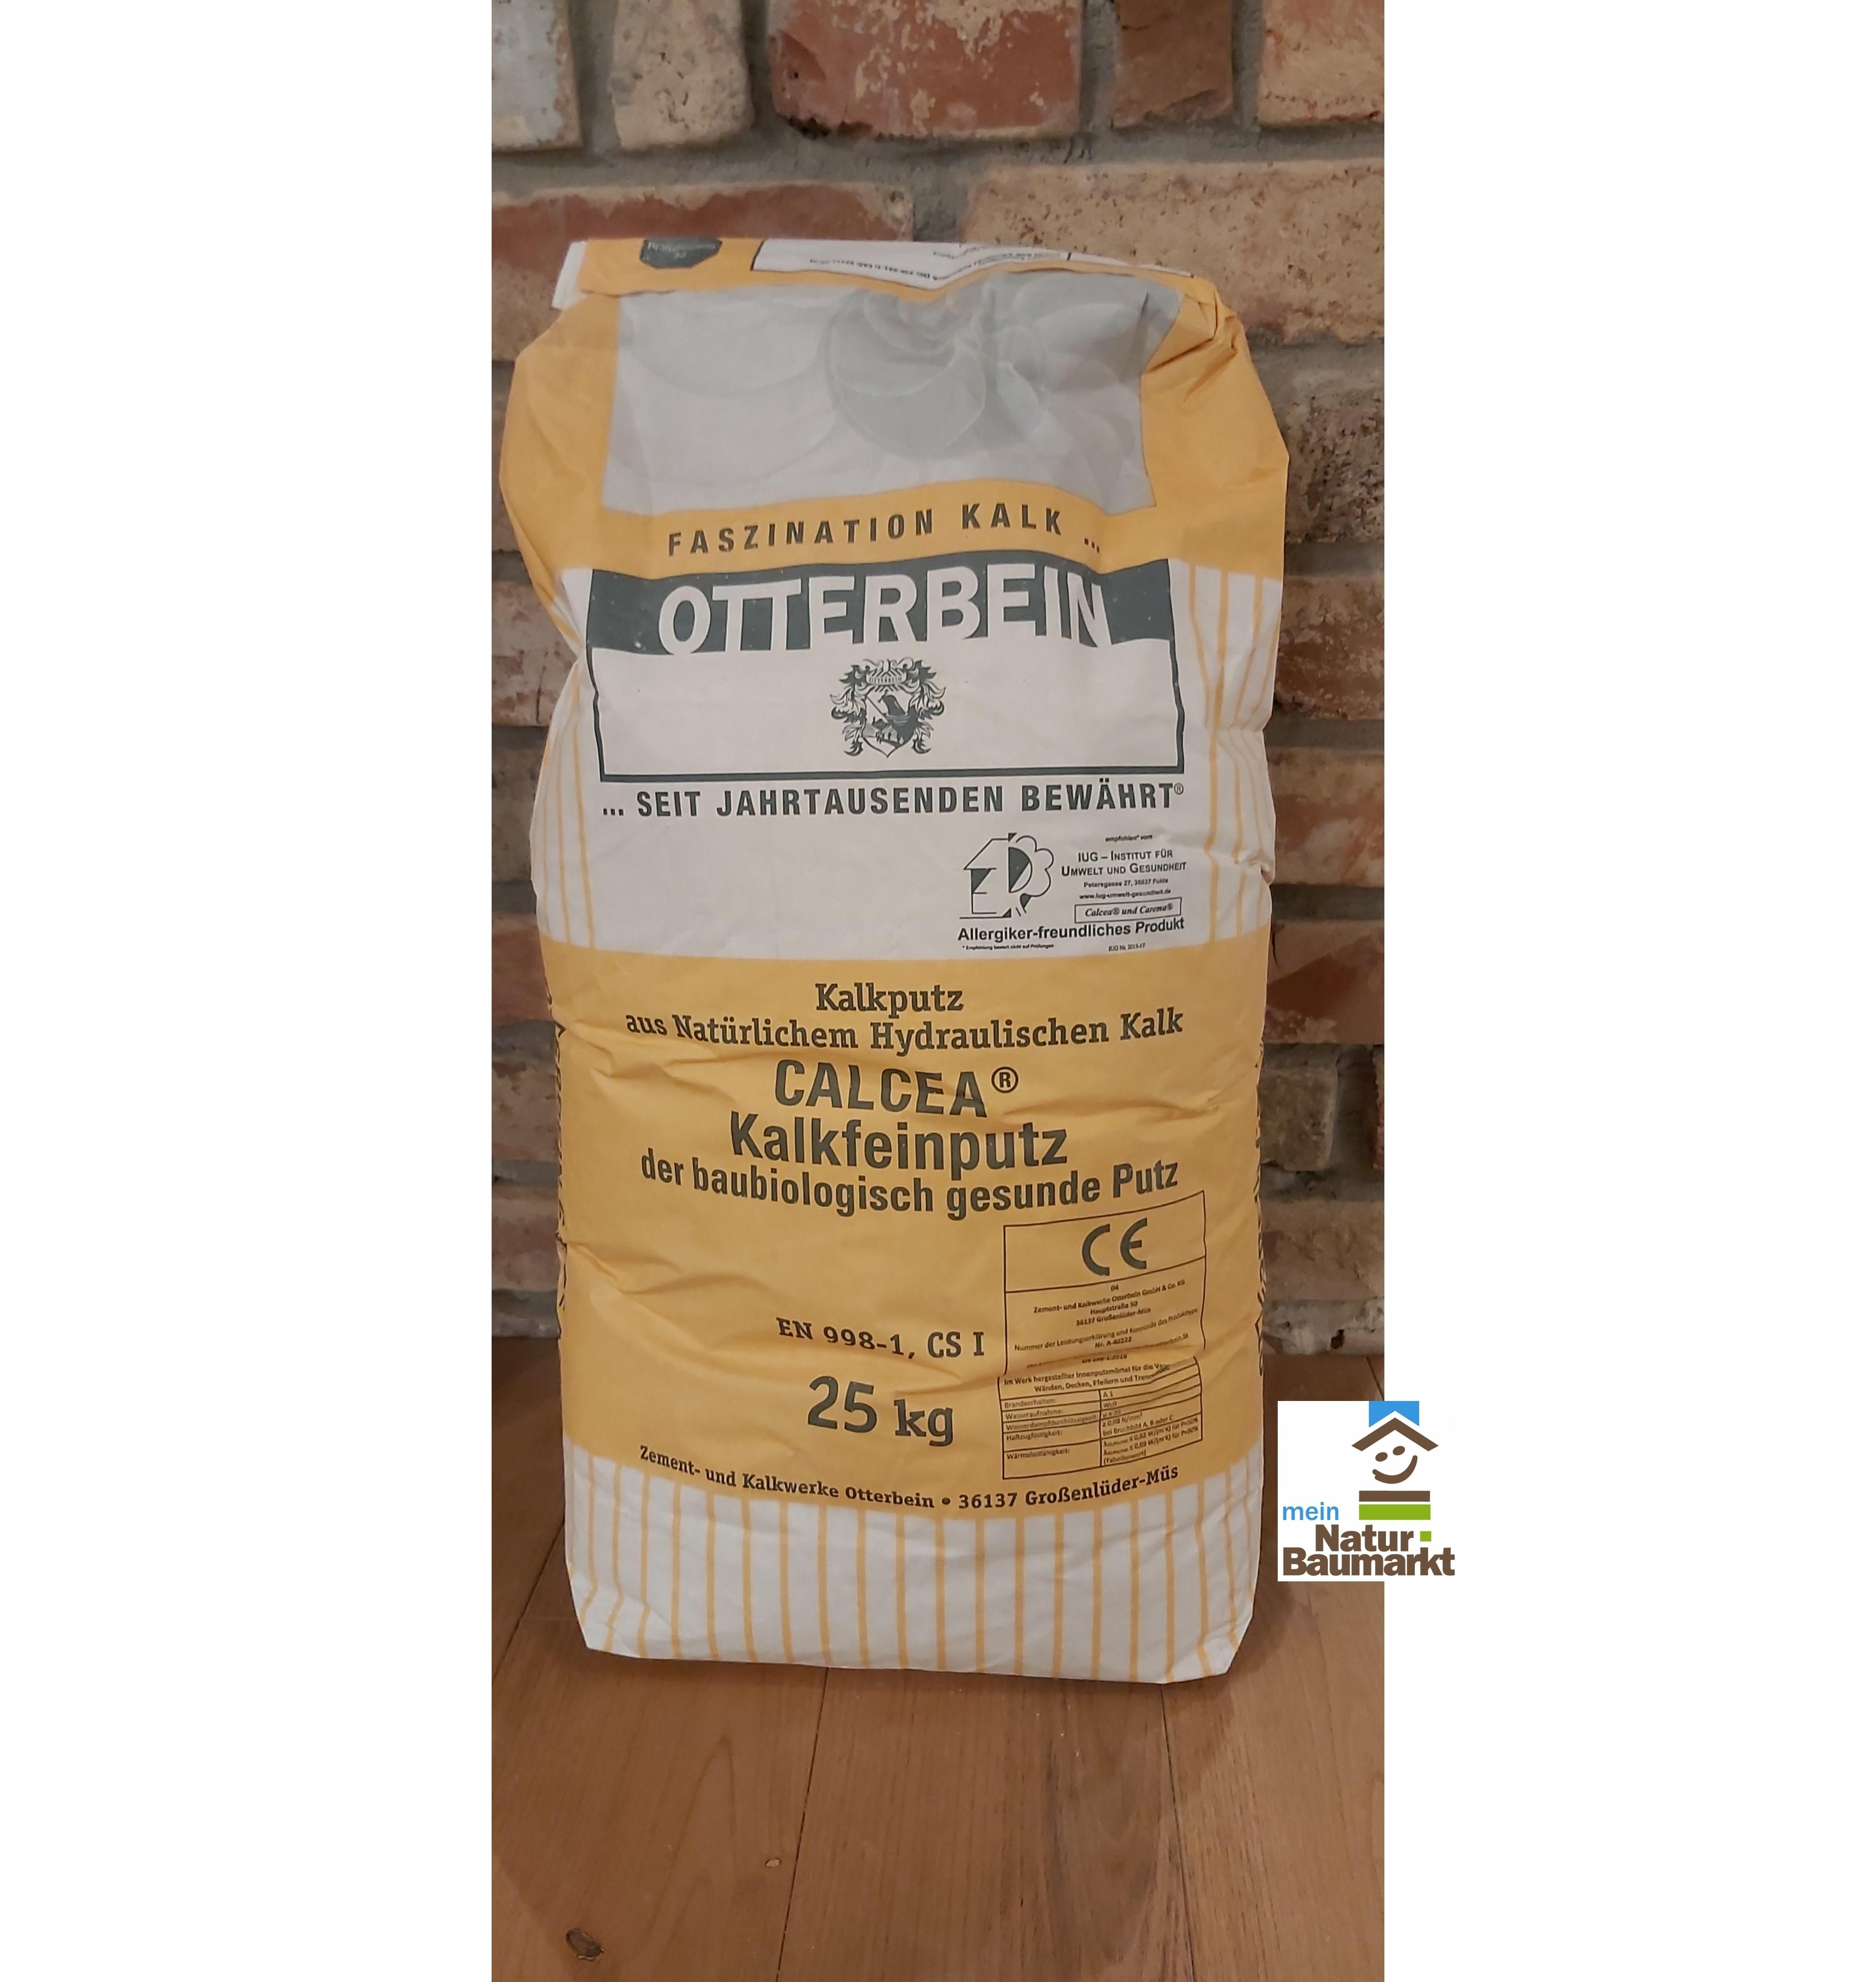 Otterbein Calcea Kalkfeinputz, 25 kg Sack